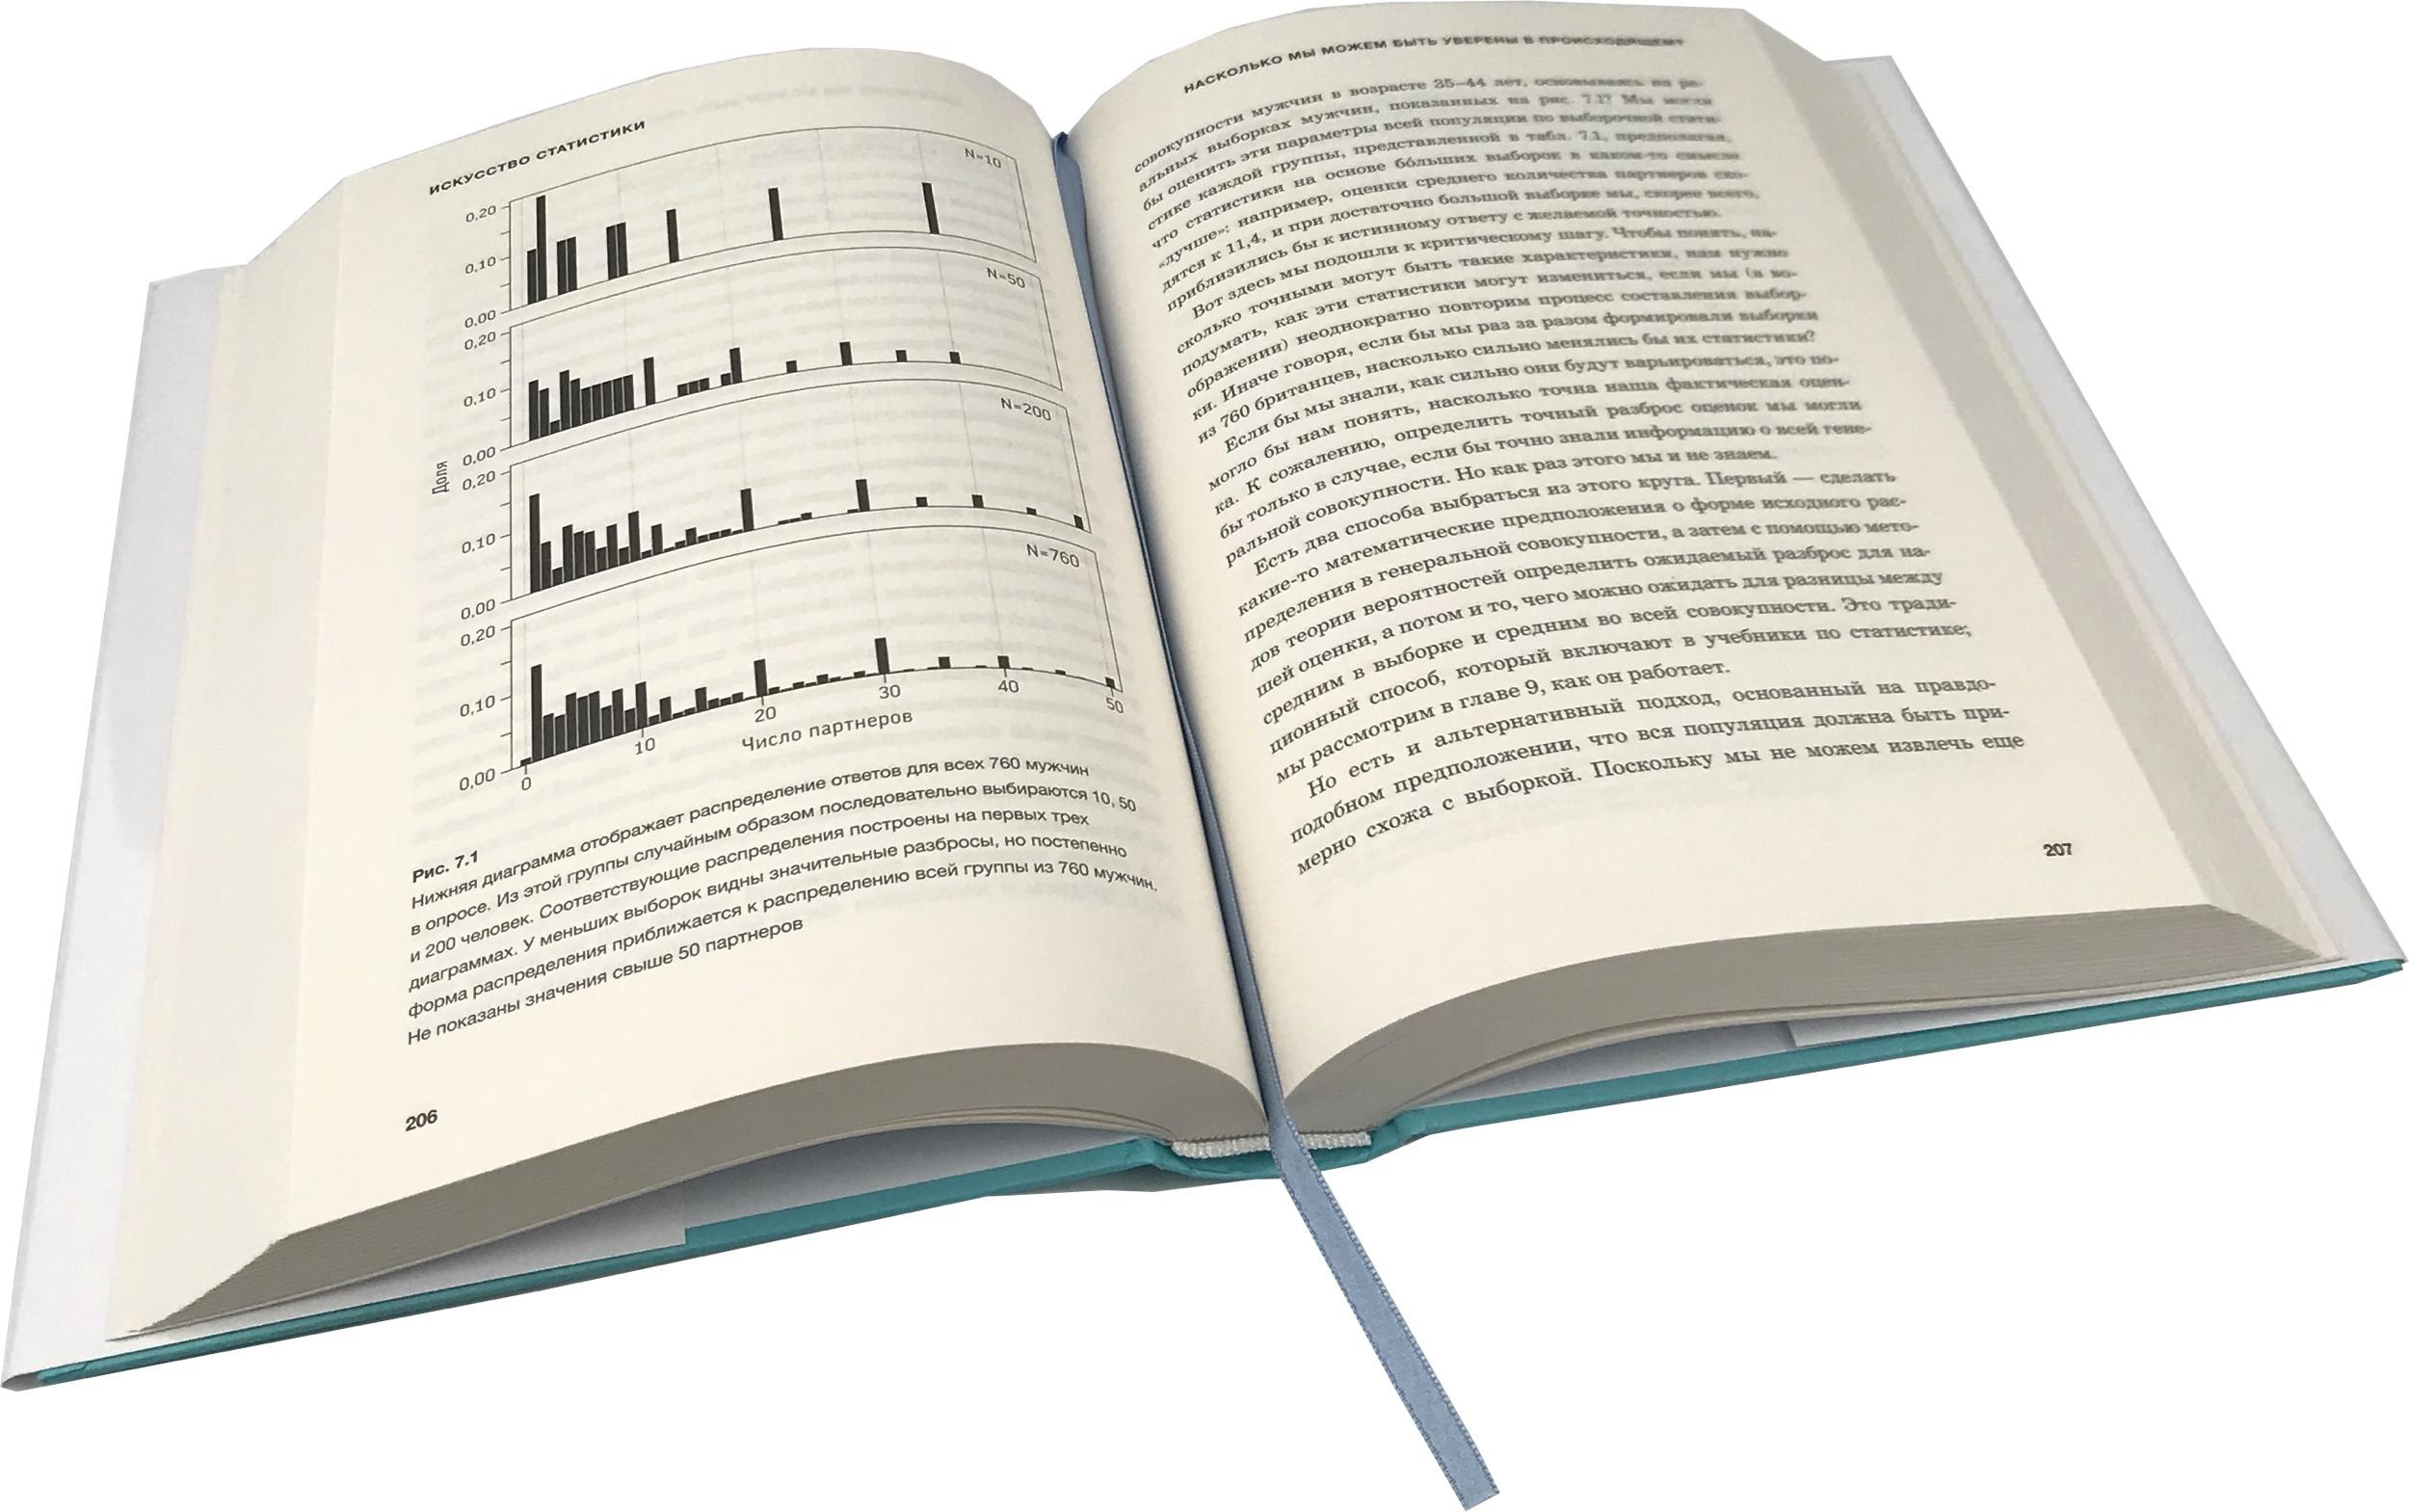 Искусство статистики. Как находить ответы в данных  (2021 год). Автор — Дэвид Шпигельхальтер.